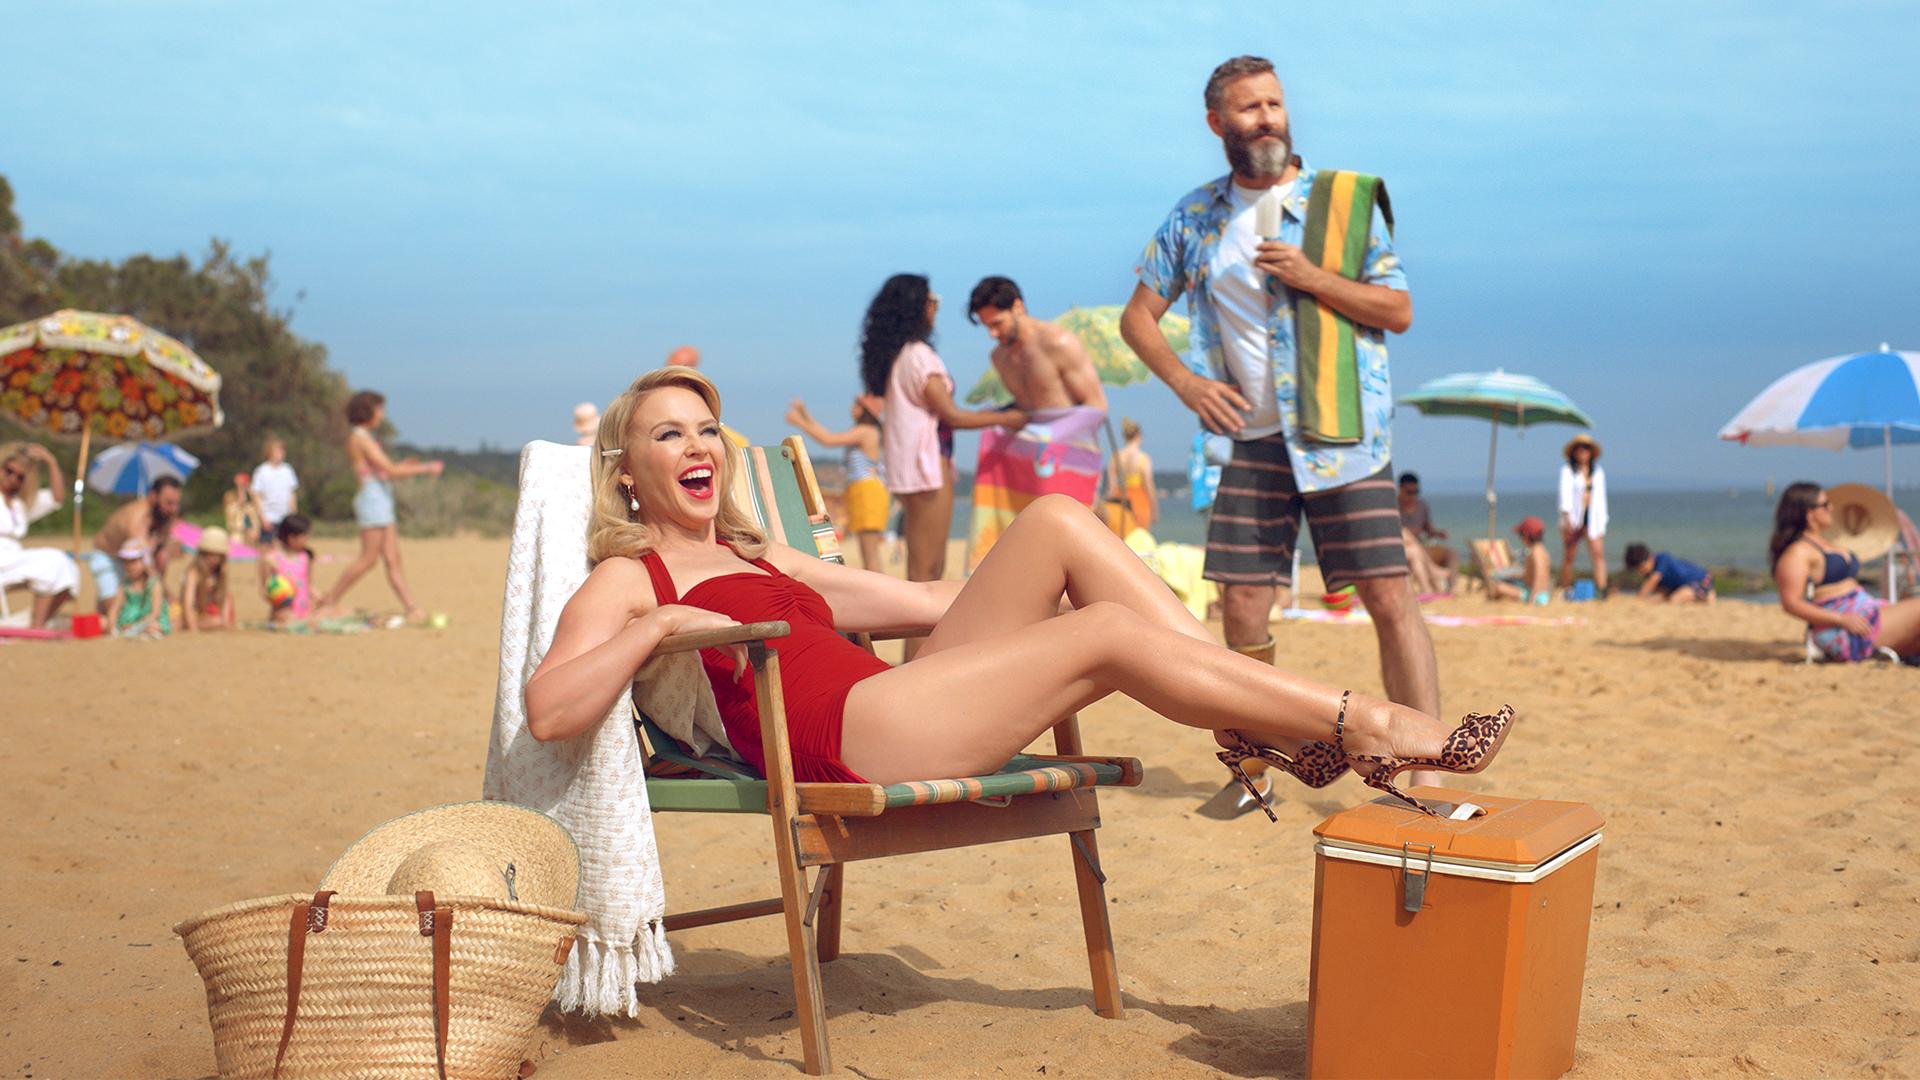 Kylie Minogue invites Brits Down Under in new Tourism Australia campaign via M&C Saatchi